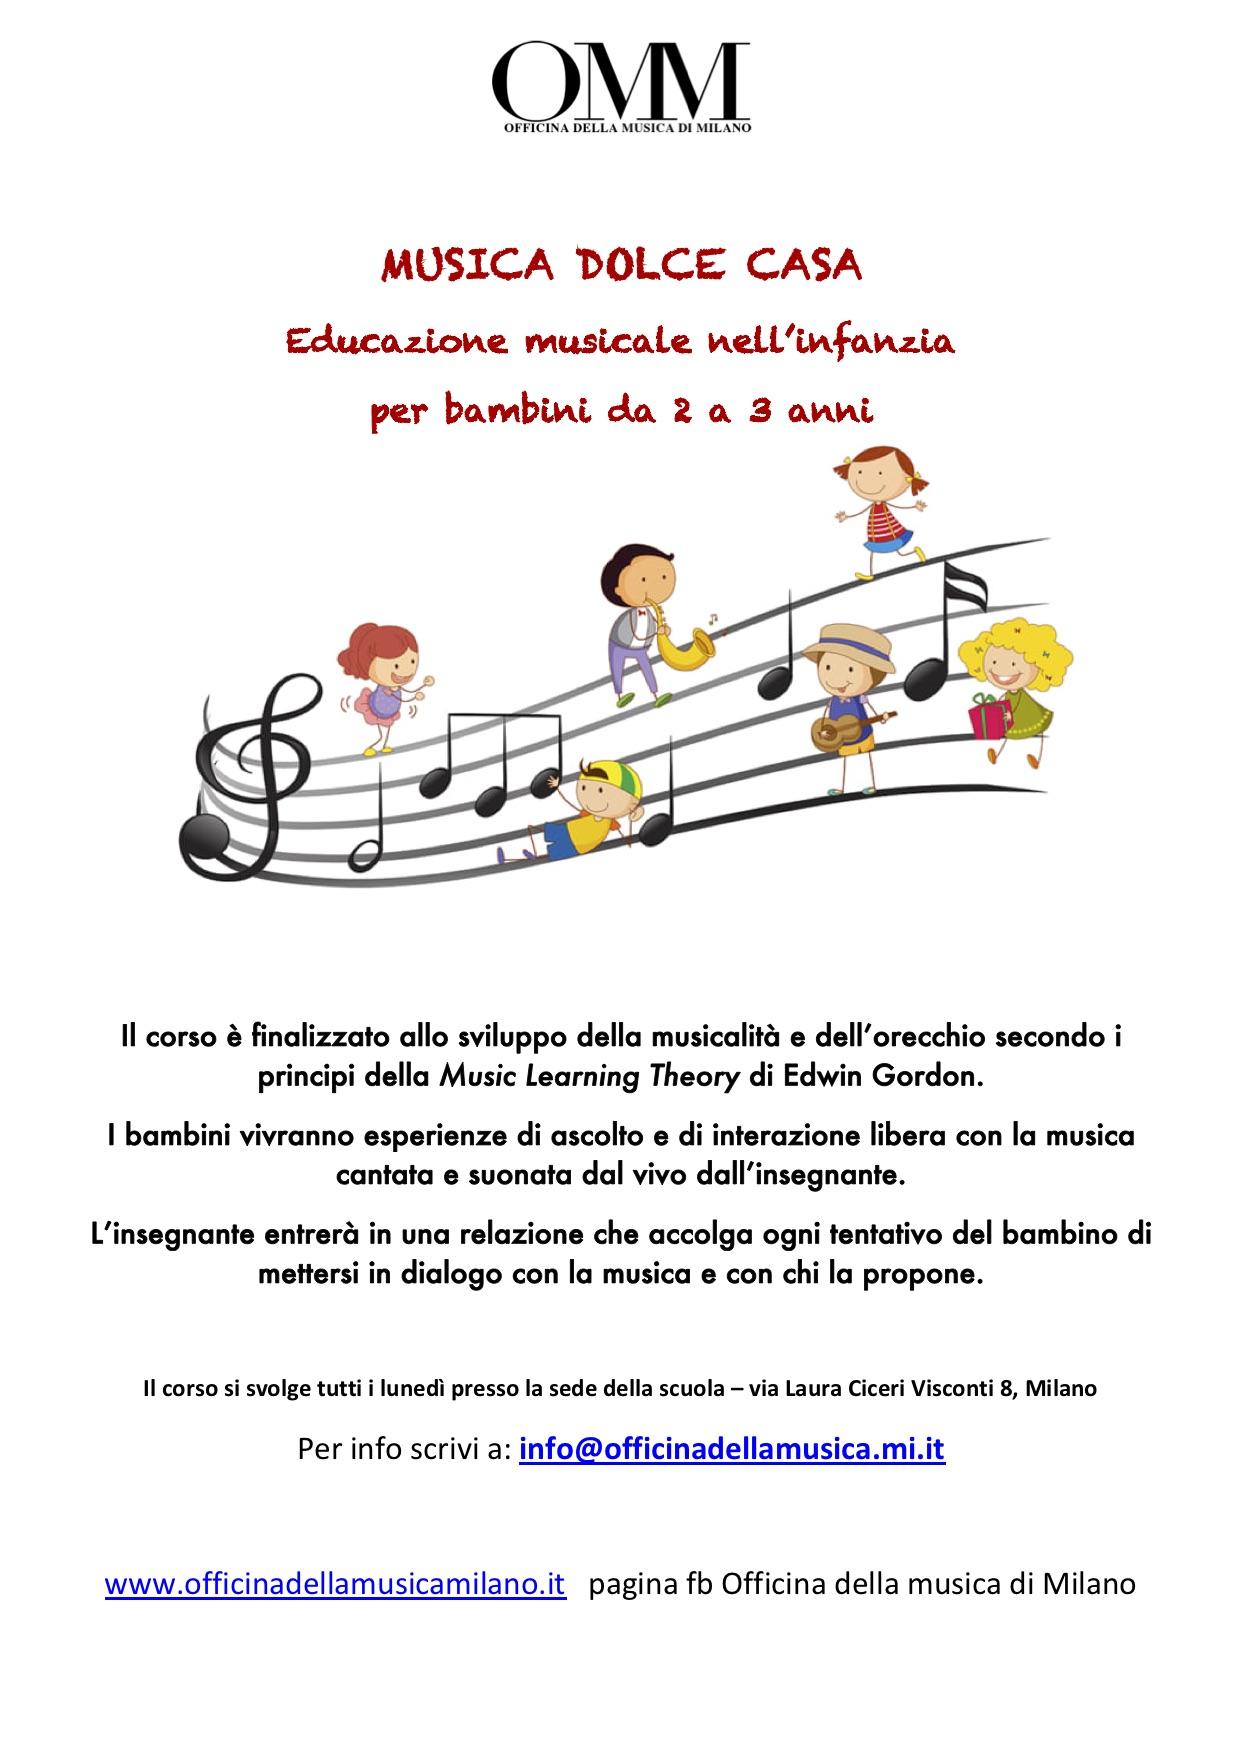 Educazione Musicale nell'infanzia